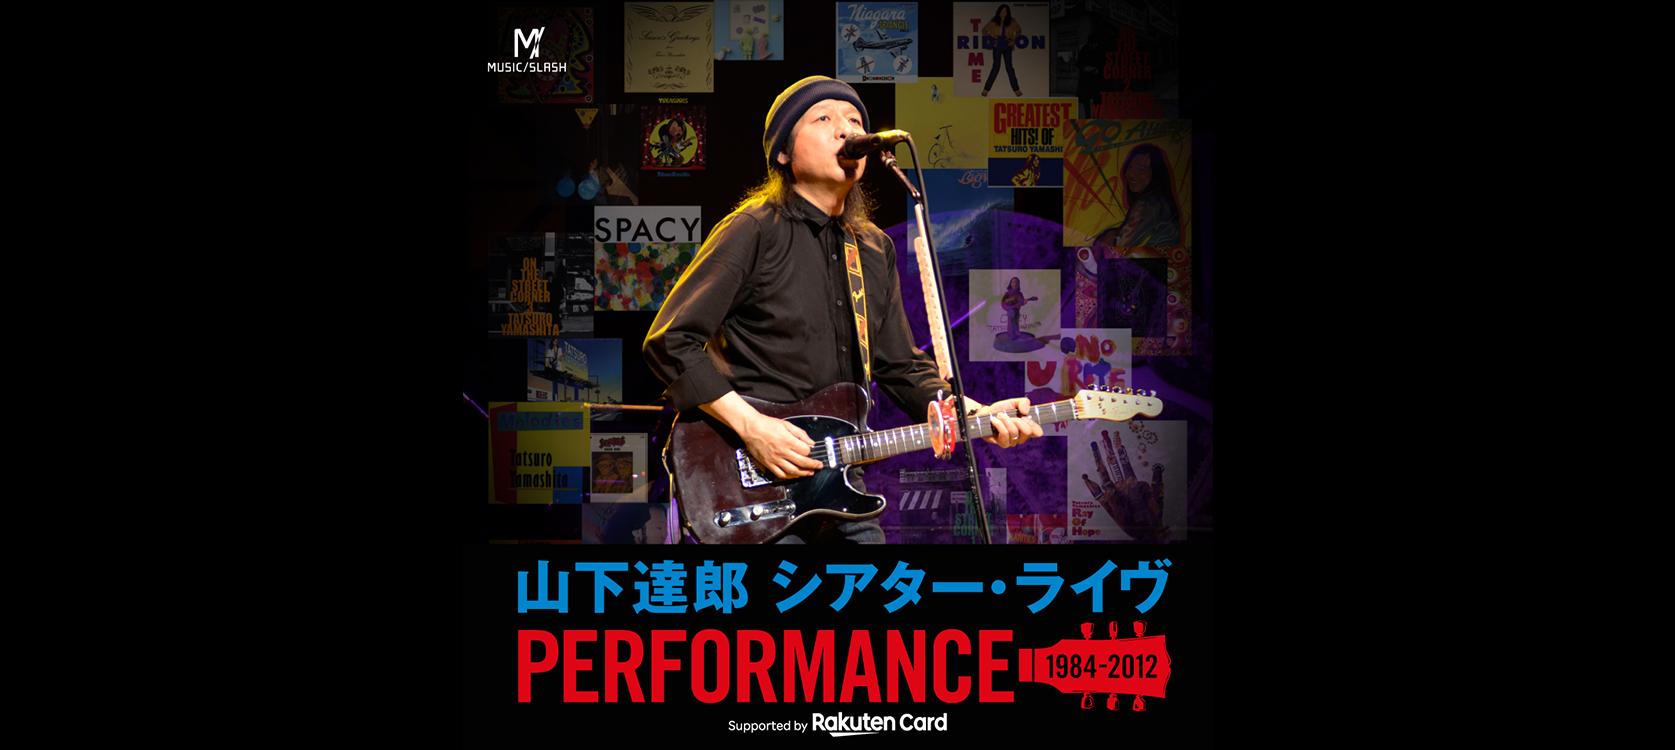 山下達郎シアター・ライヴ PERFORMANCE1984-2012